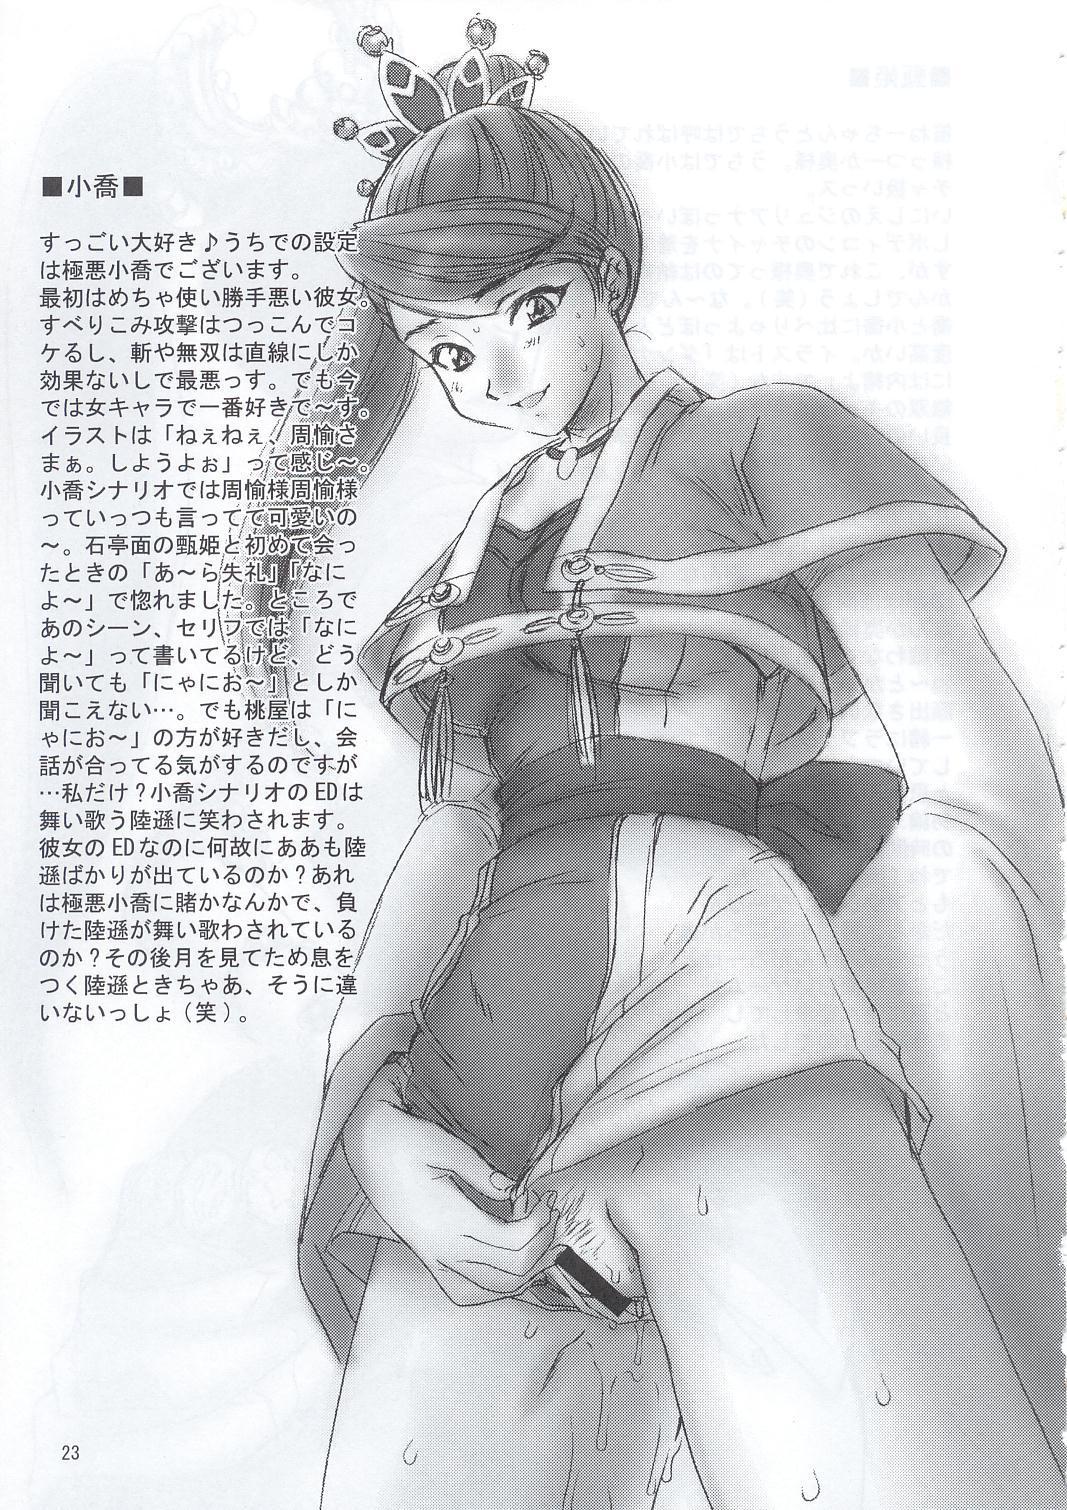 In Sangoku Musou 21